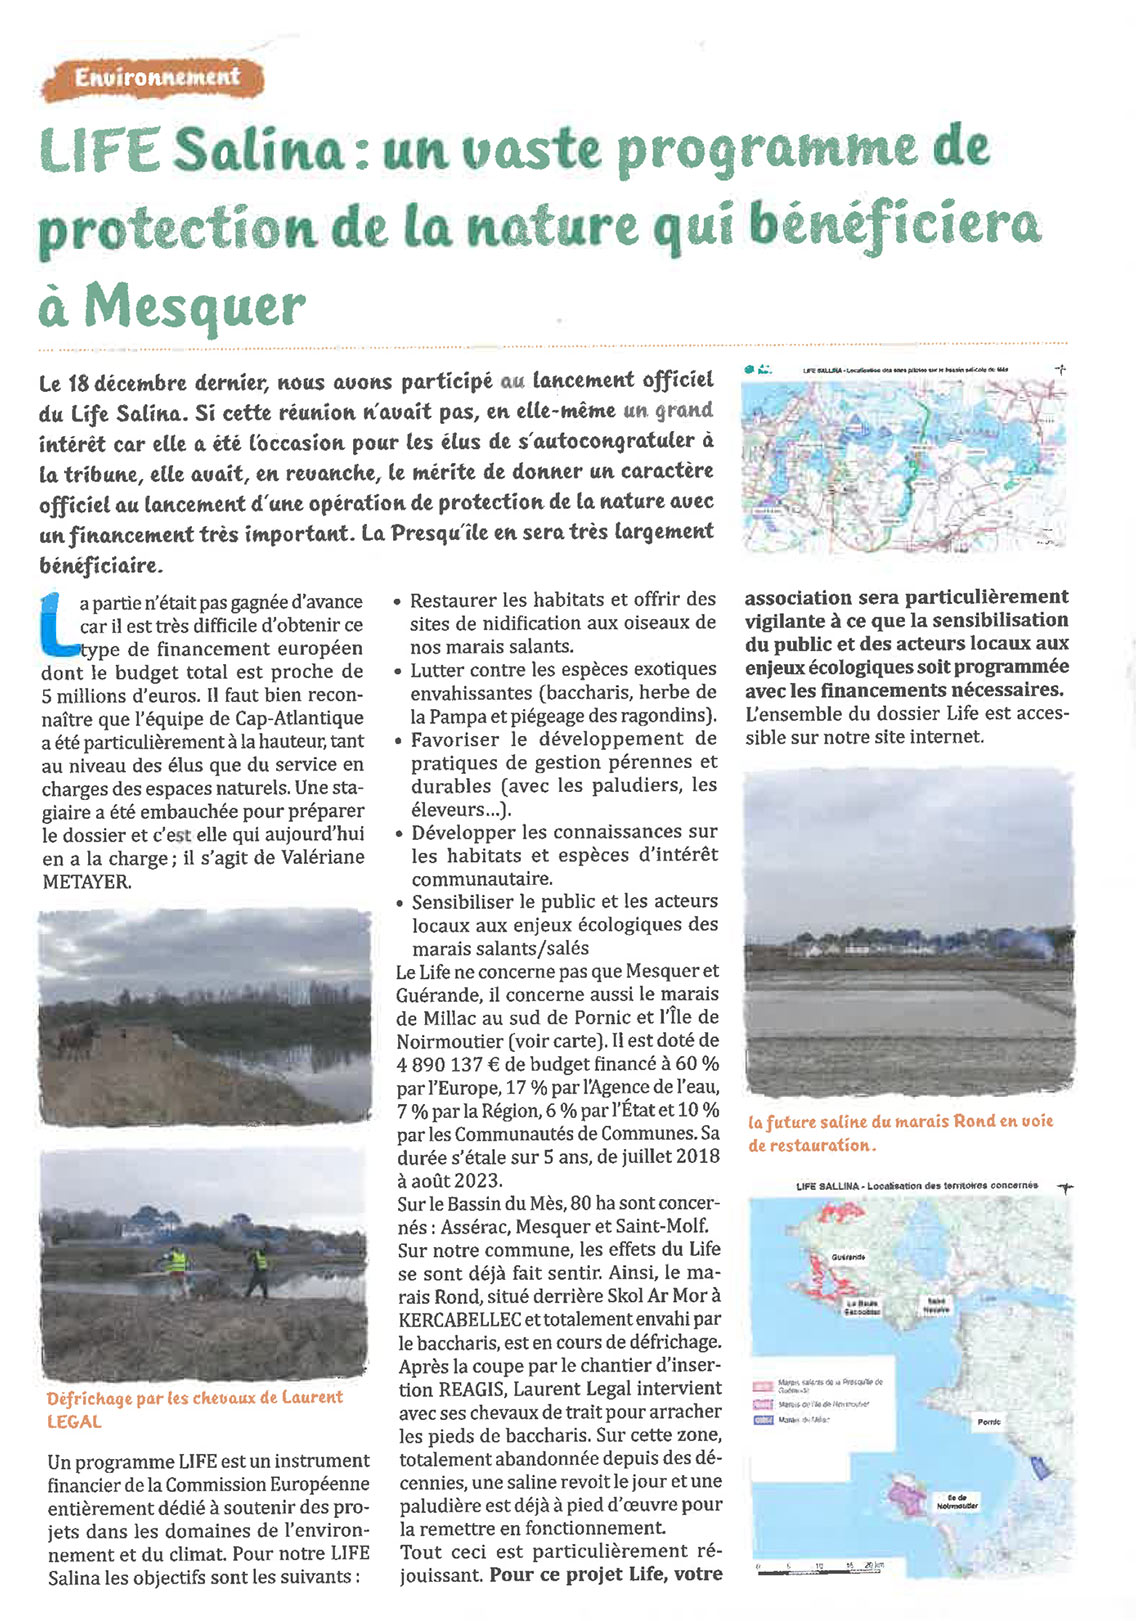 Bulletin d'information des Amis des sites de Mesquer - LIFE SALLINA sur la commune de Mesquer